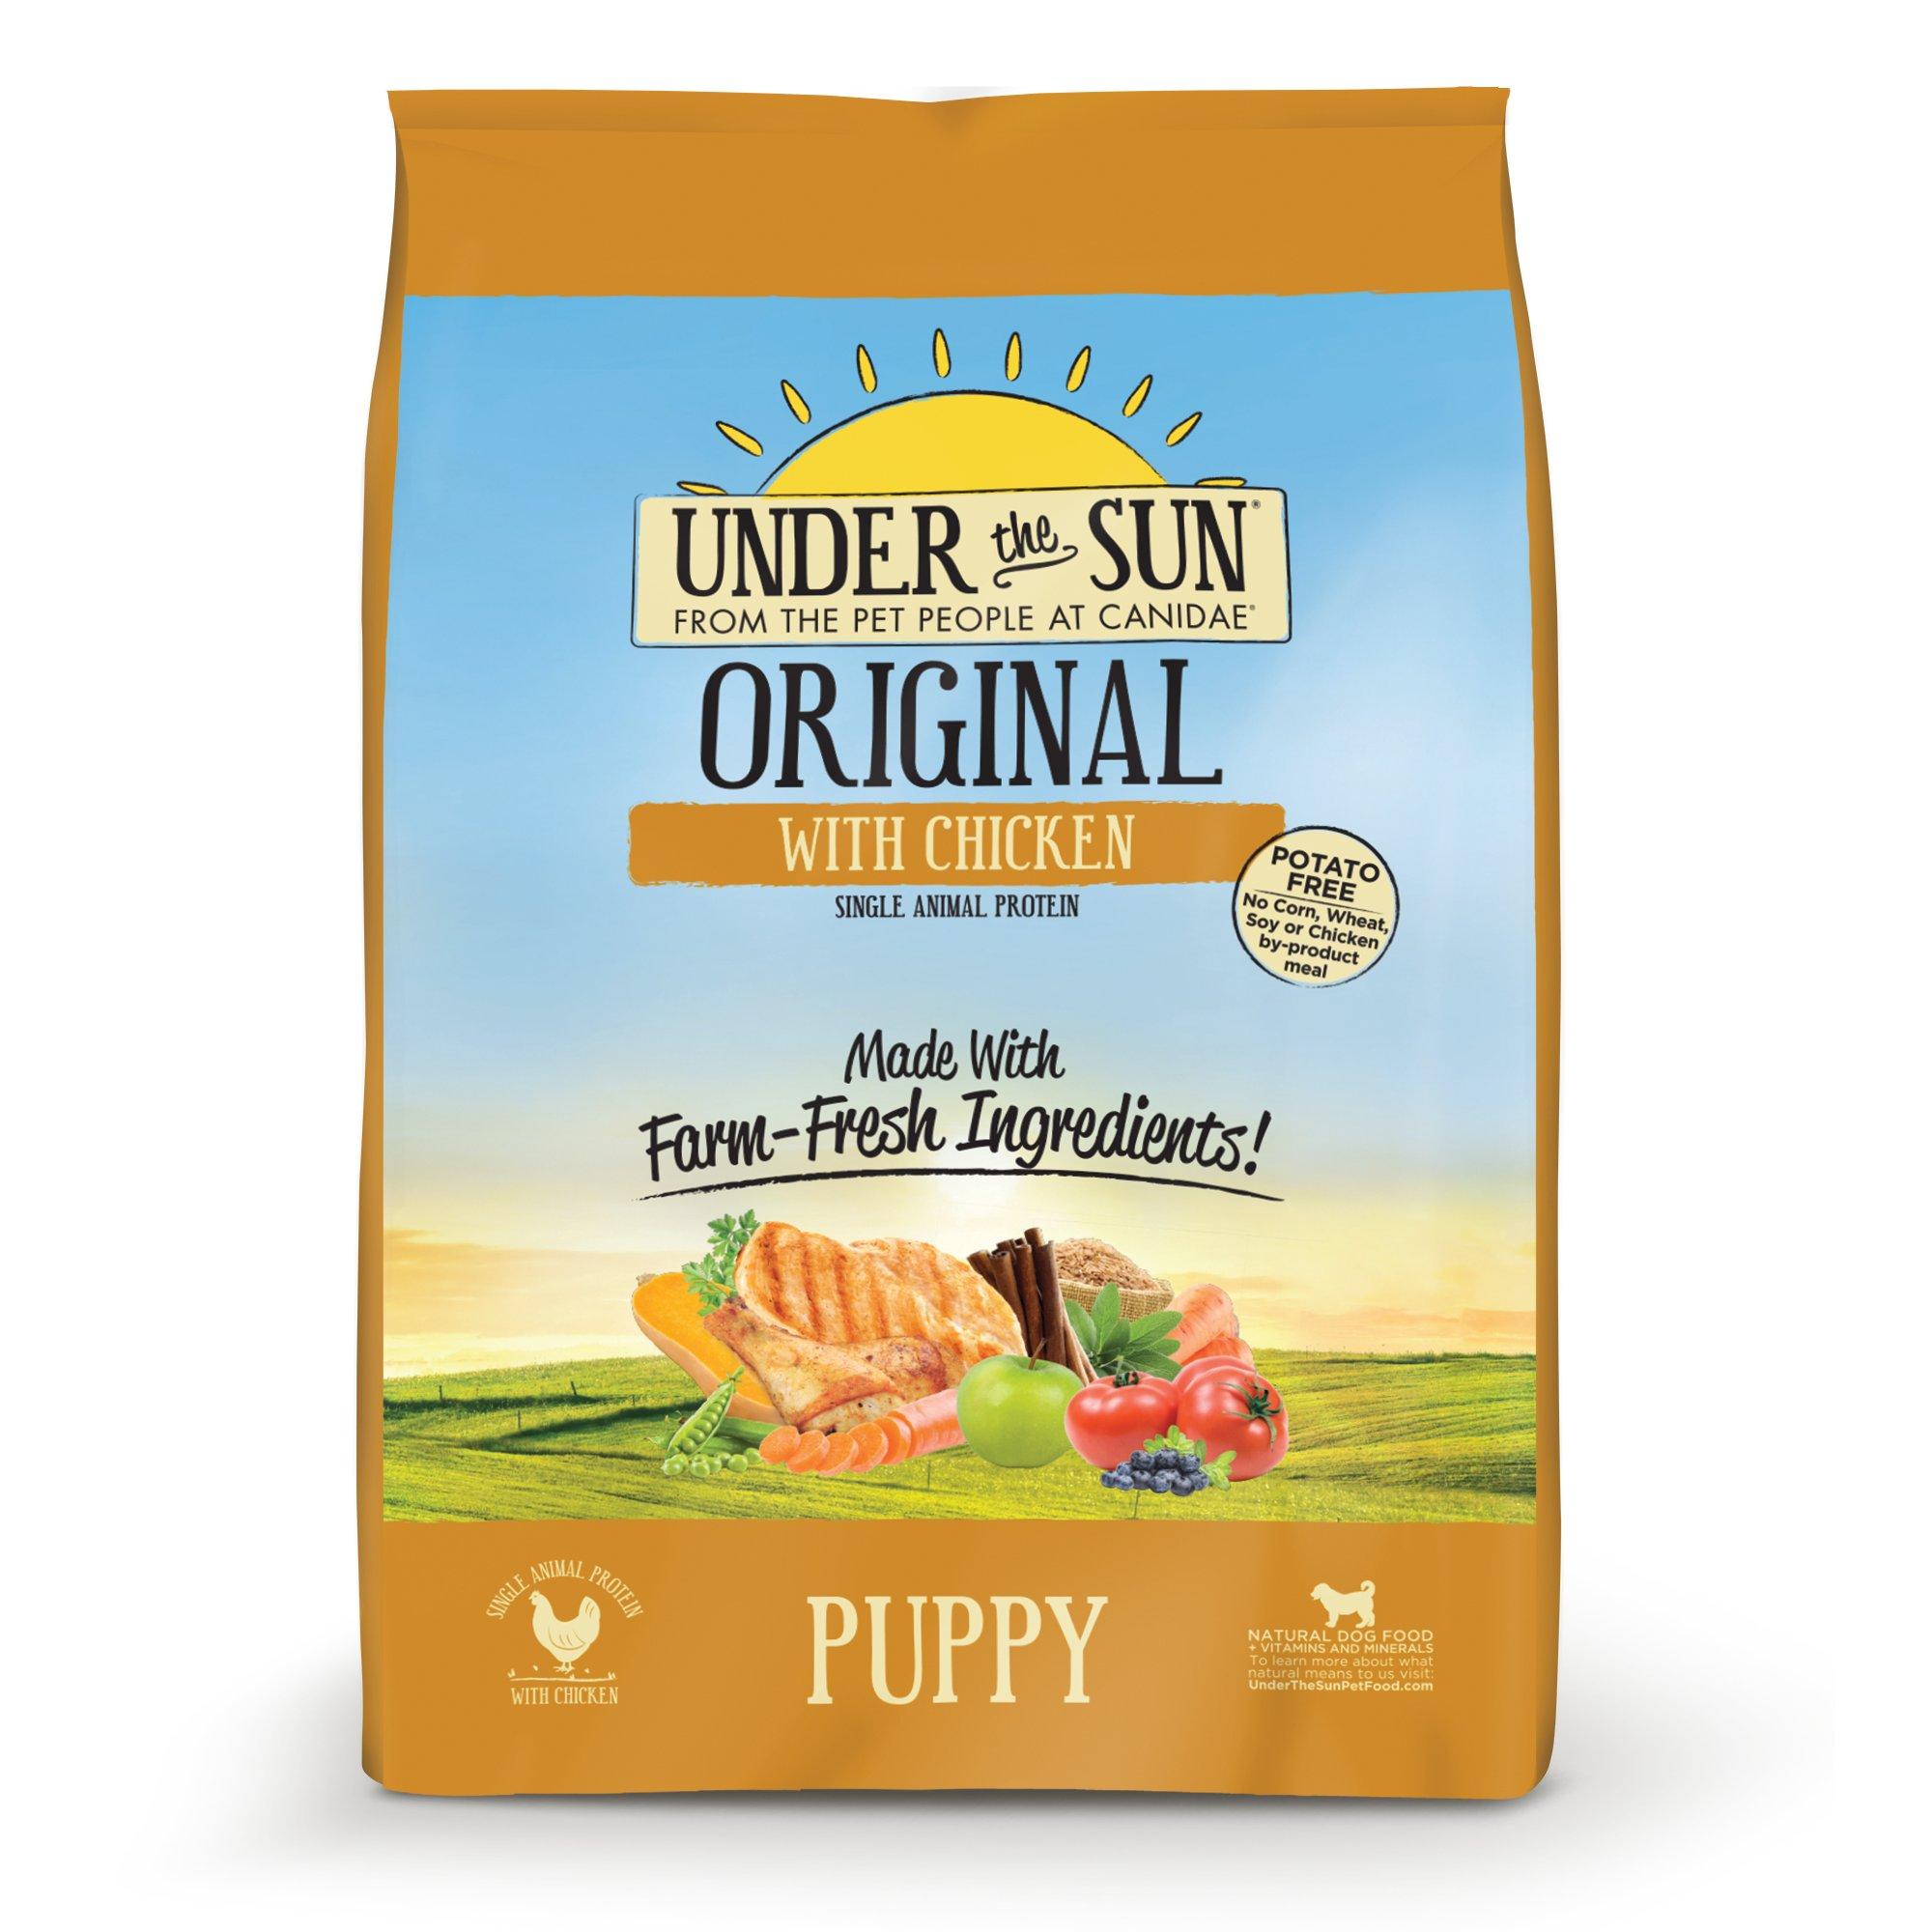 Under The Sun Original Chicken Puppy Food